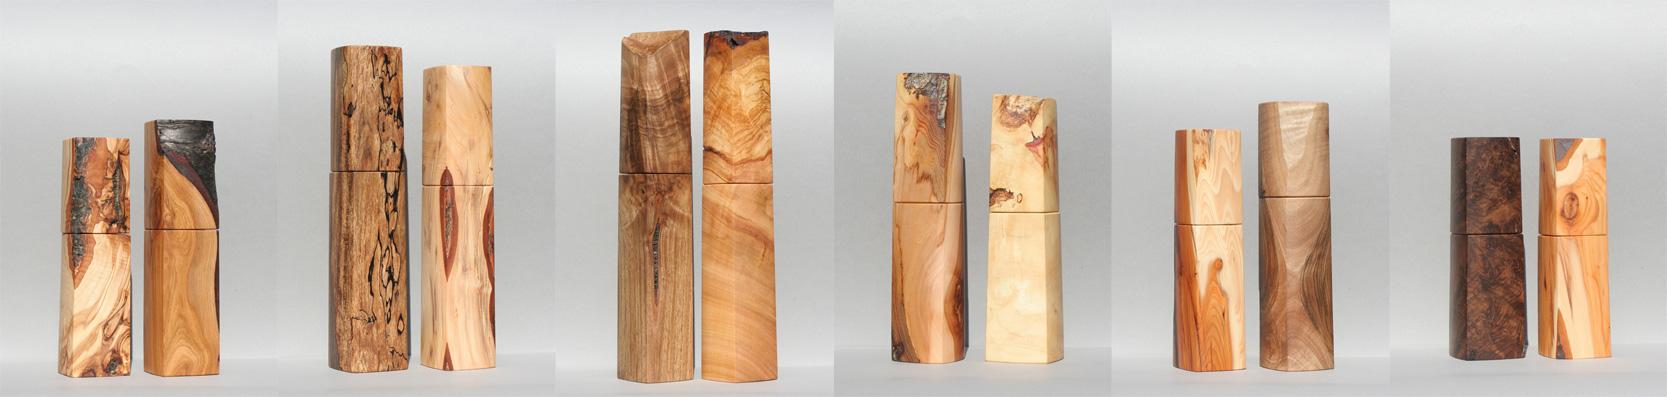 woodandform-salz-und-pfeffermuehlen-perfekte-paare